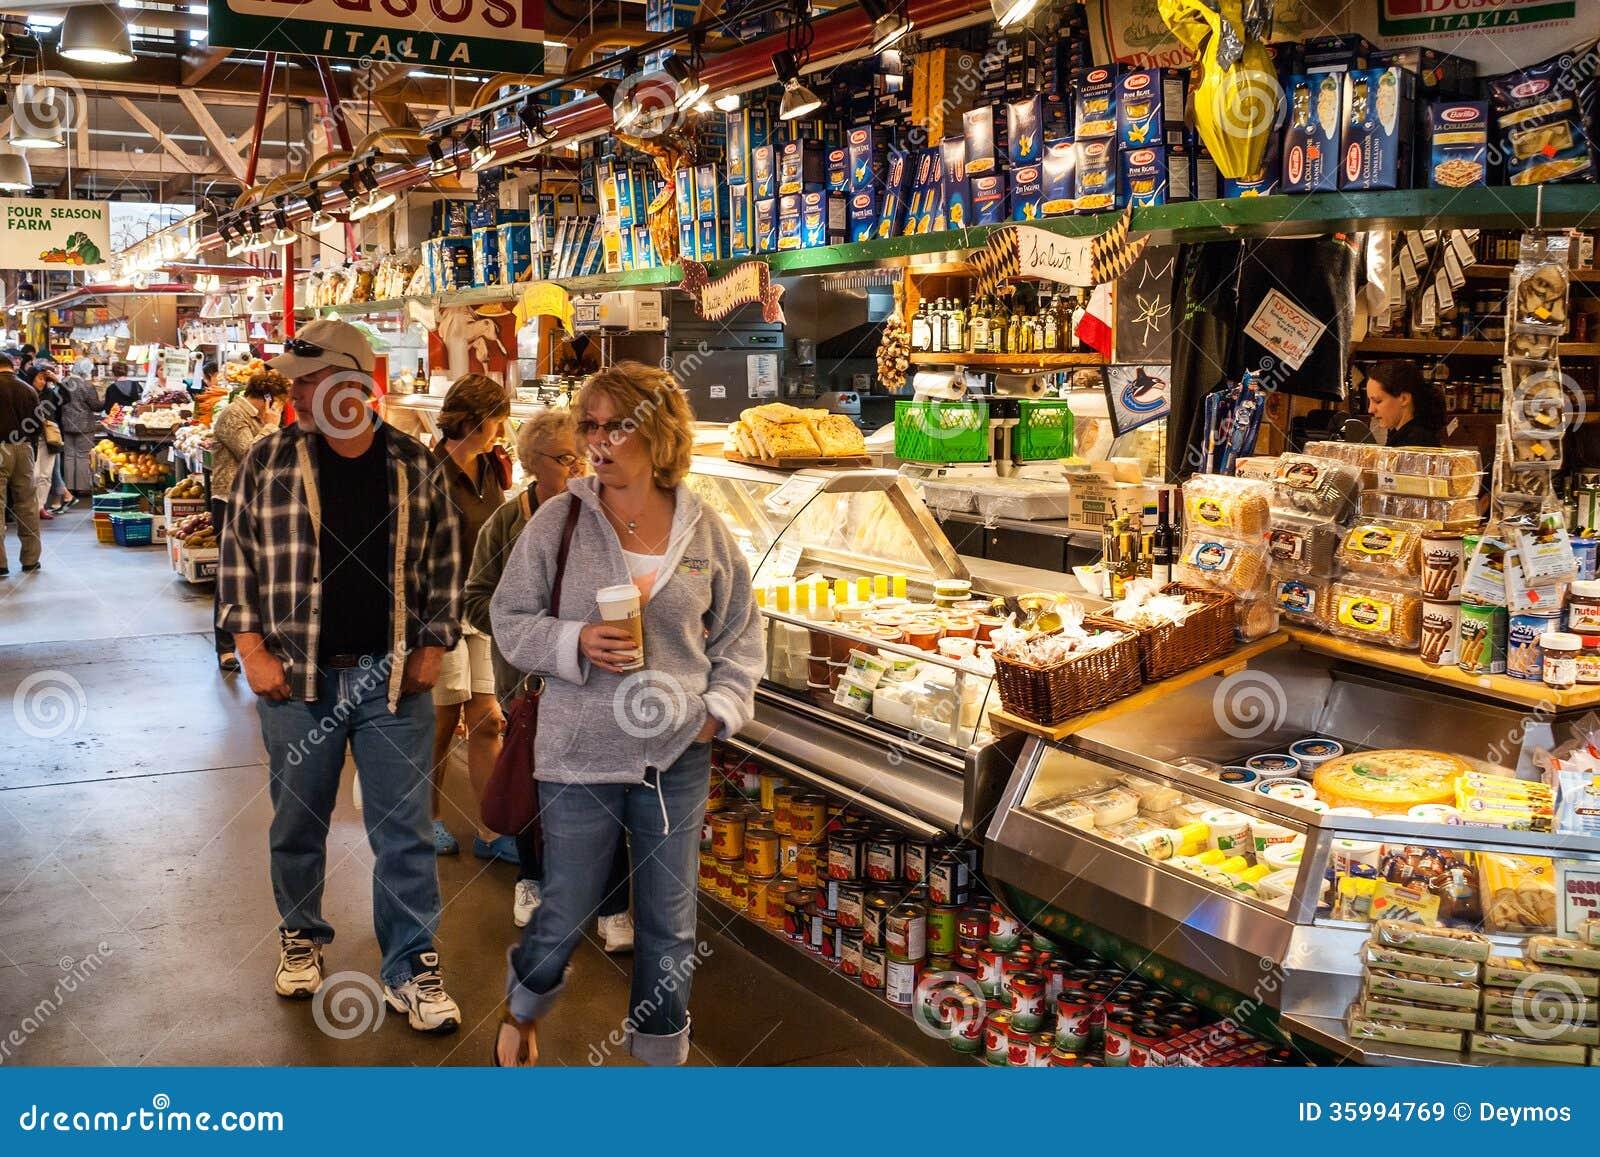 Granville Food Market